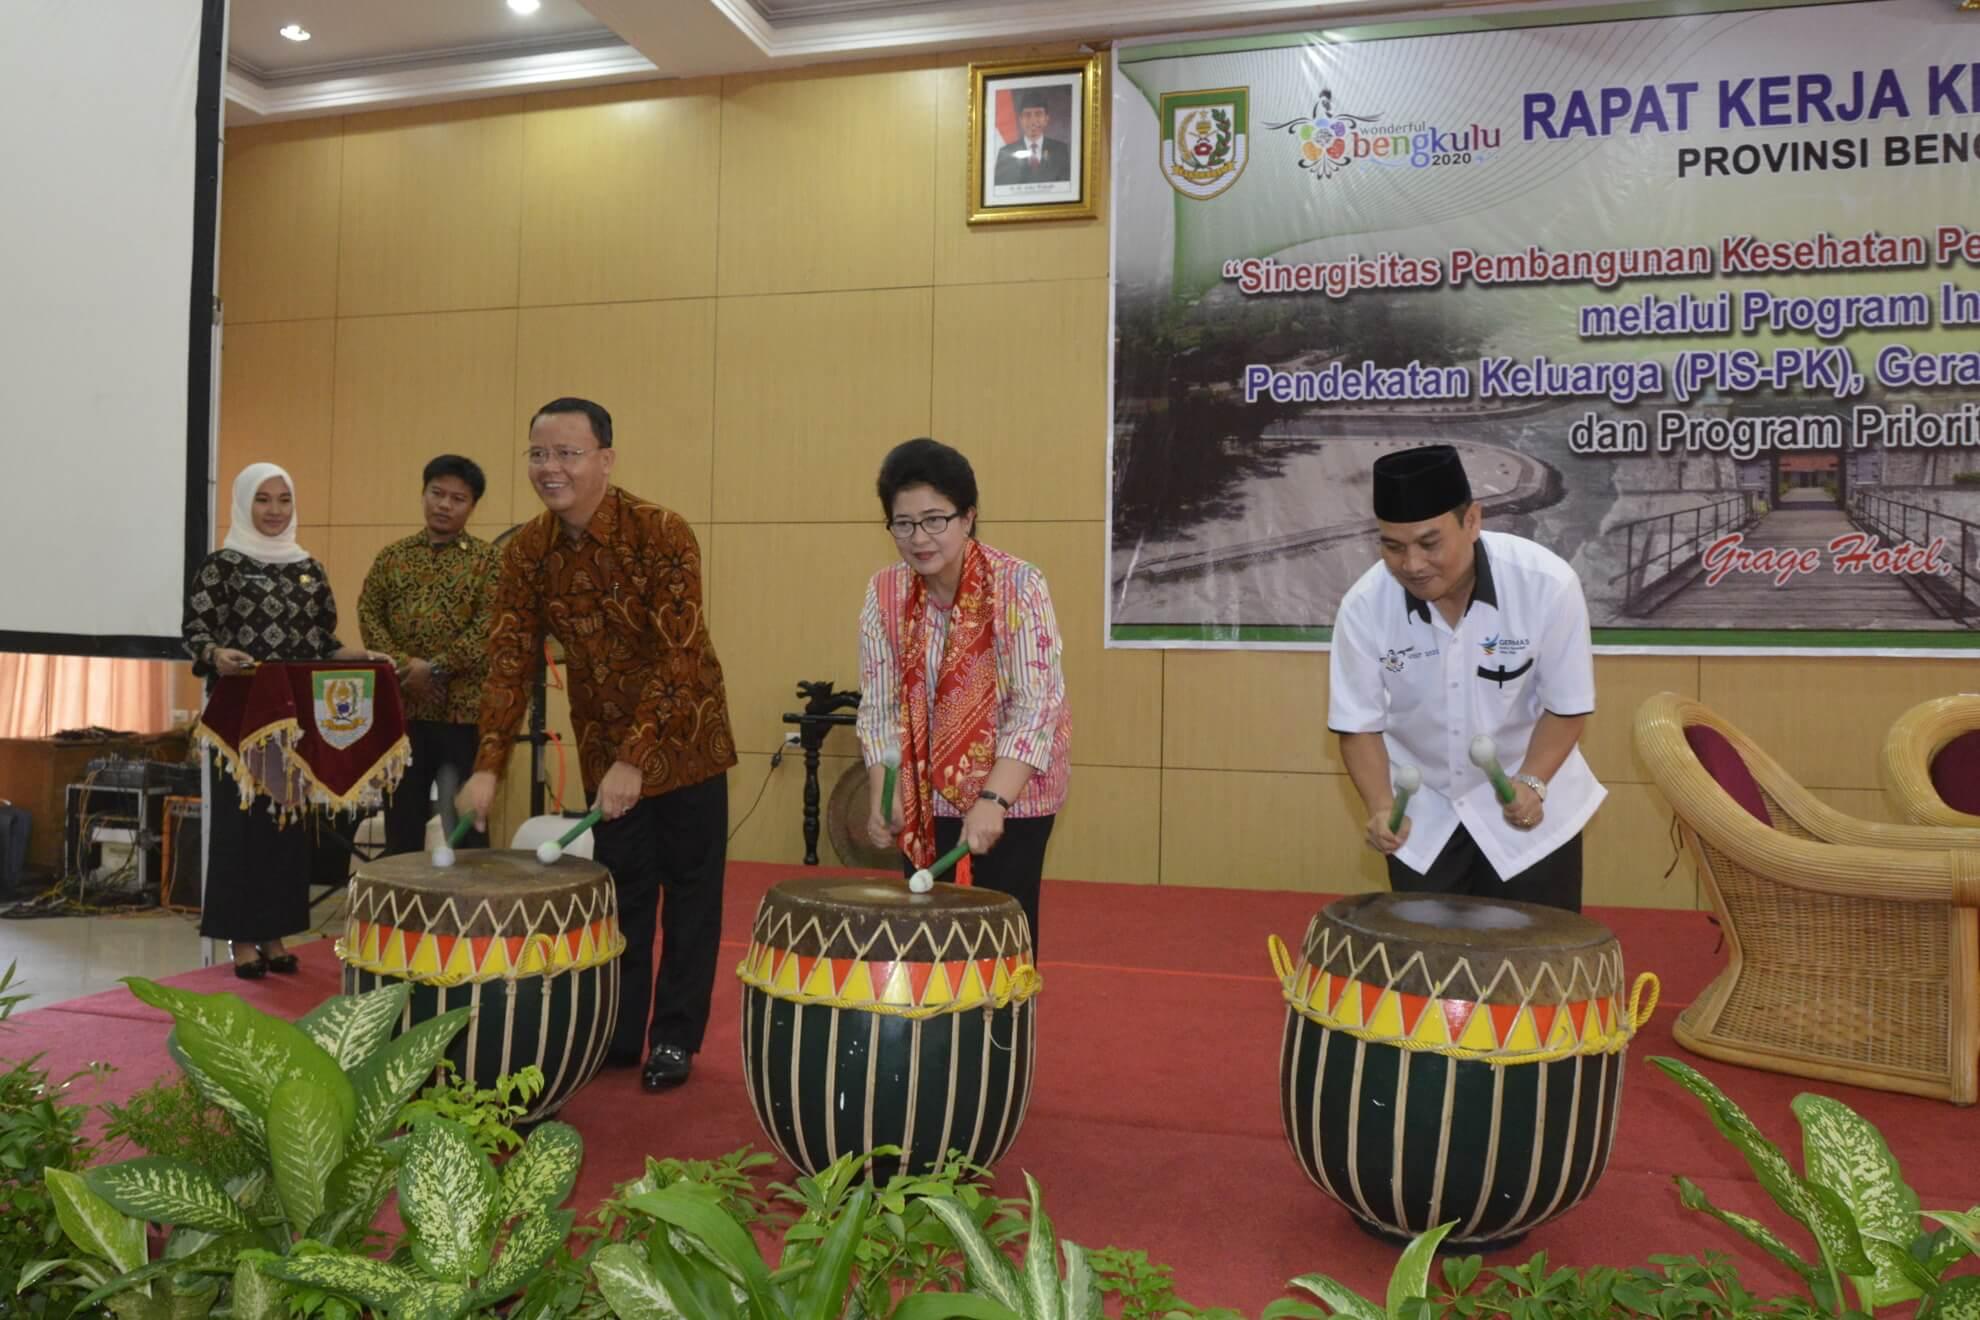 13-05-2017 Menkes Nila Moeloek bersama Wakil Gubernur  Bengkulu (kiri) dan Kadinkes Bengkulu (berpeci kanan) Menabuh Bedug tanda Dibukanya Rakerkesda Provinsi Bengkulu (R46)